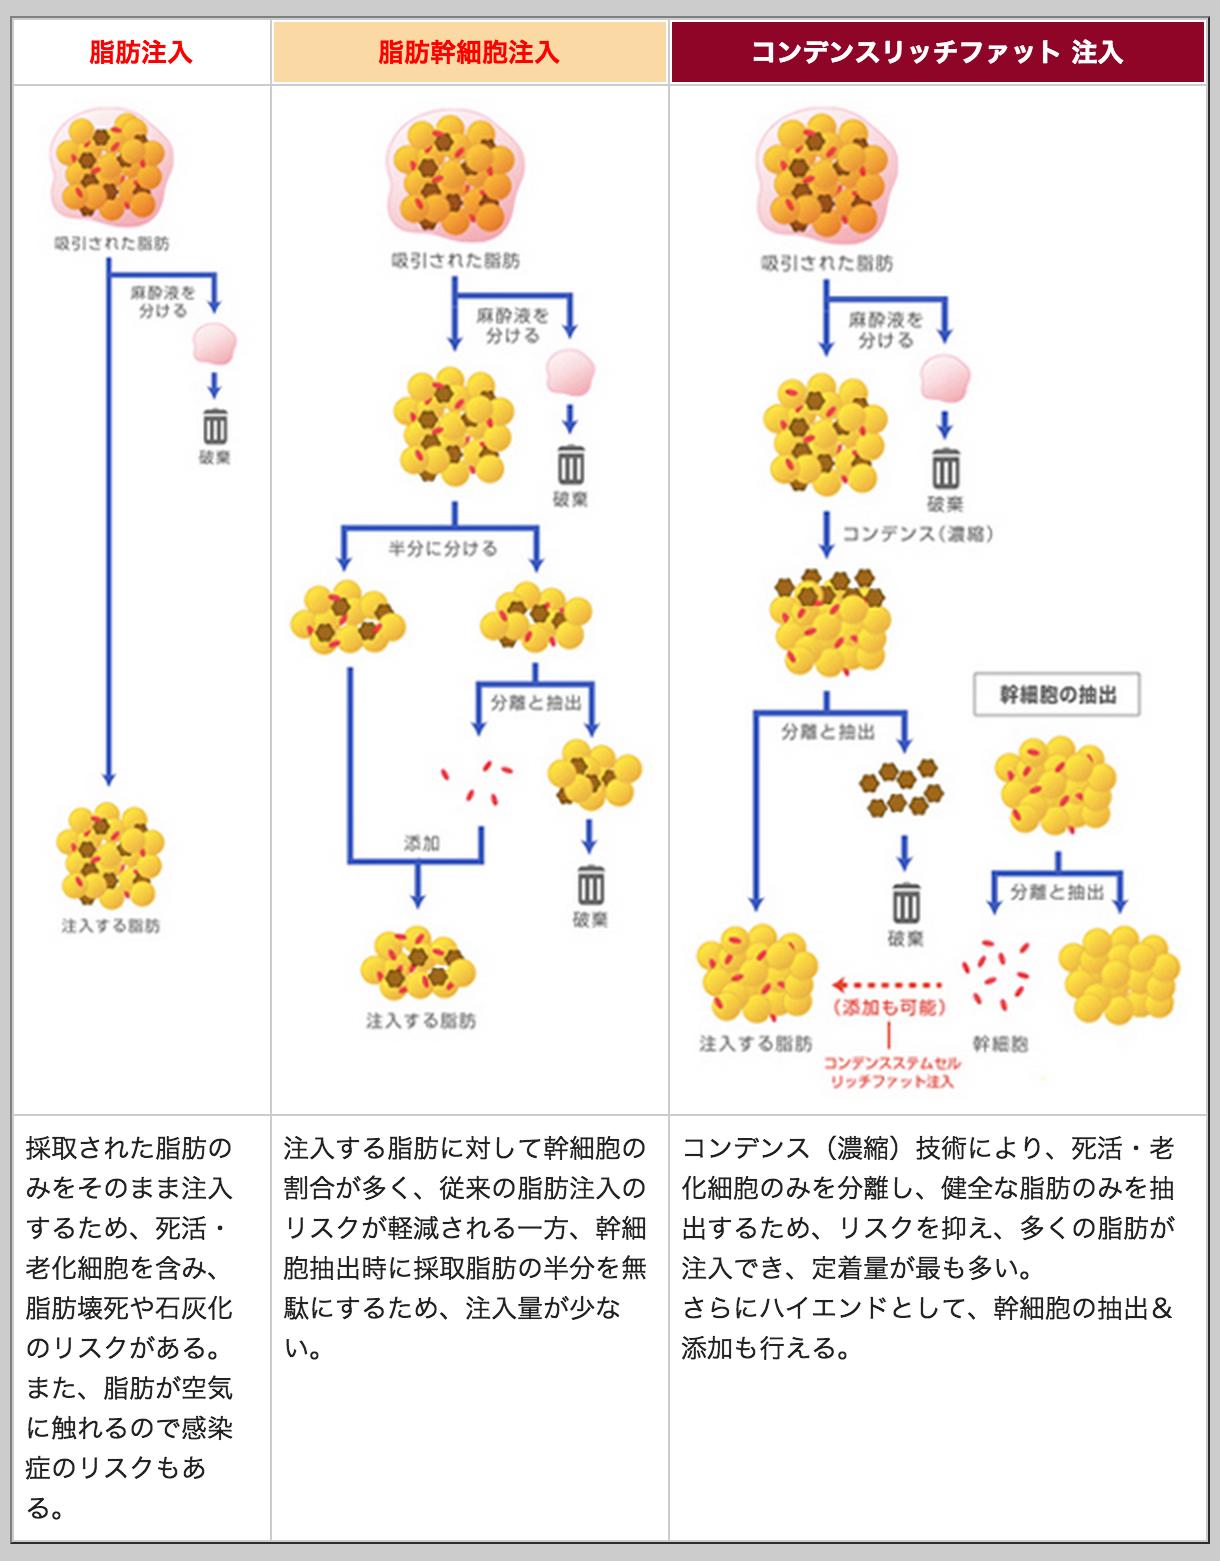 脂肪注入のプロセス比較表